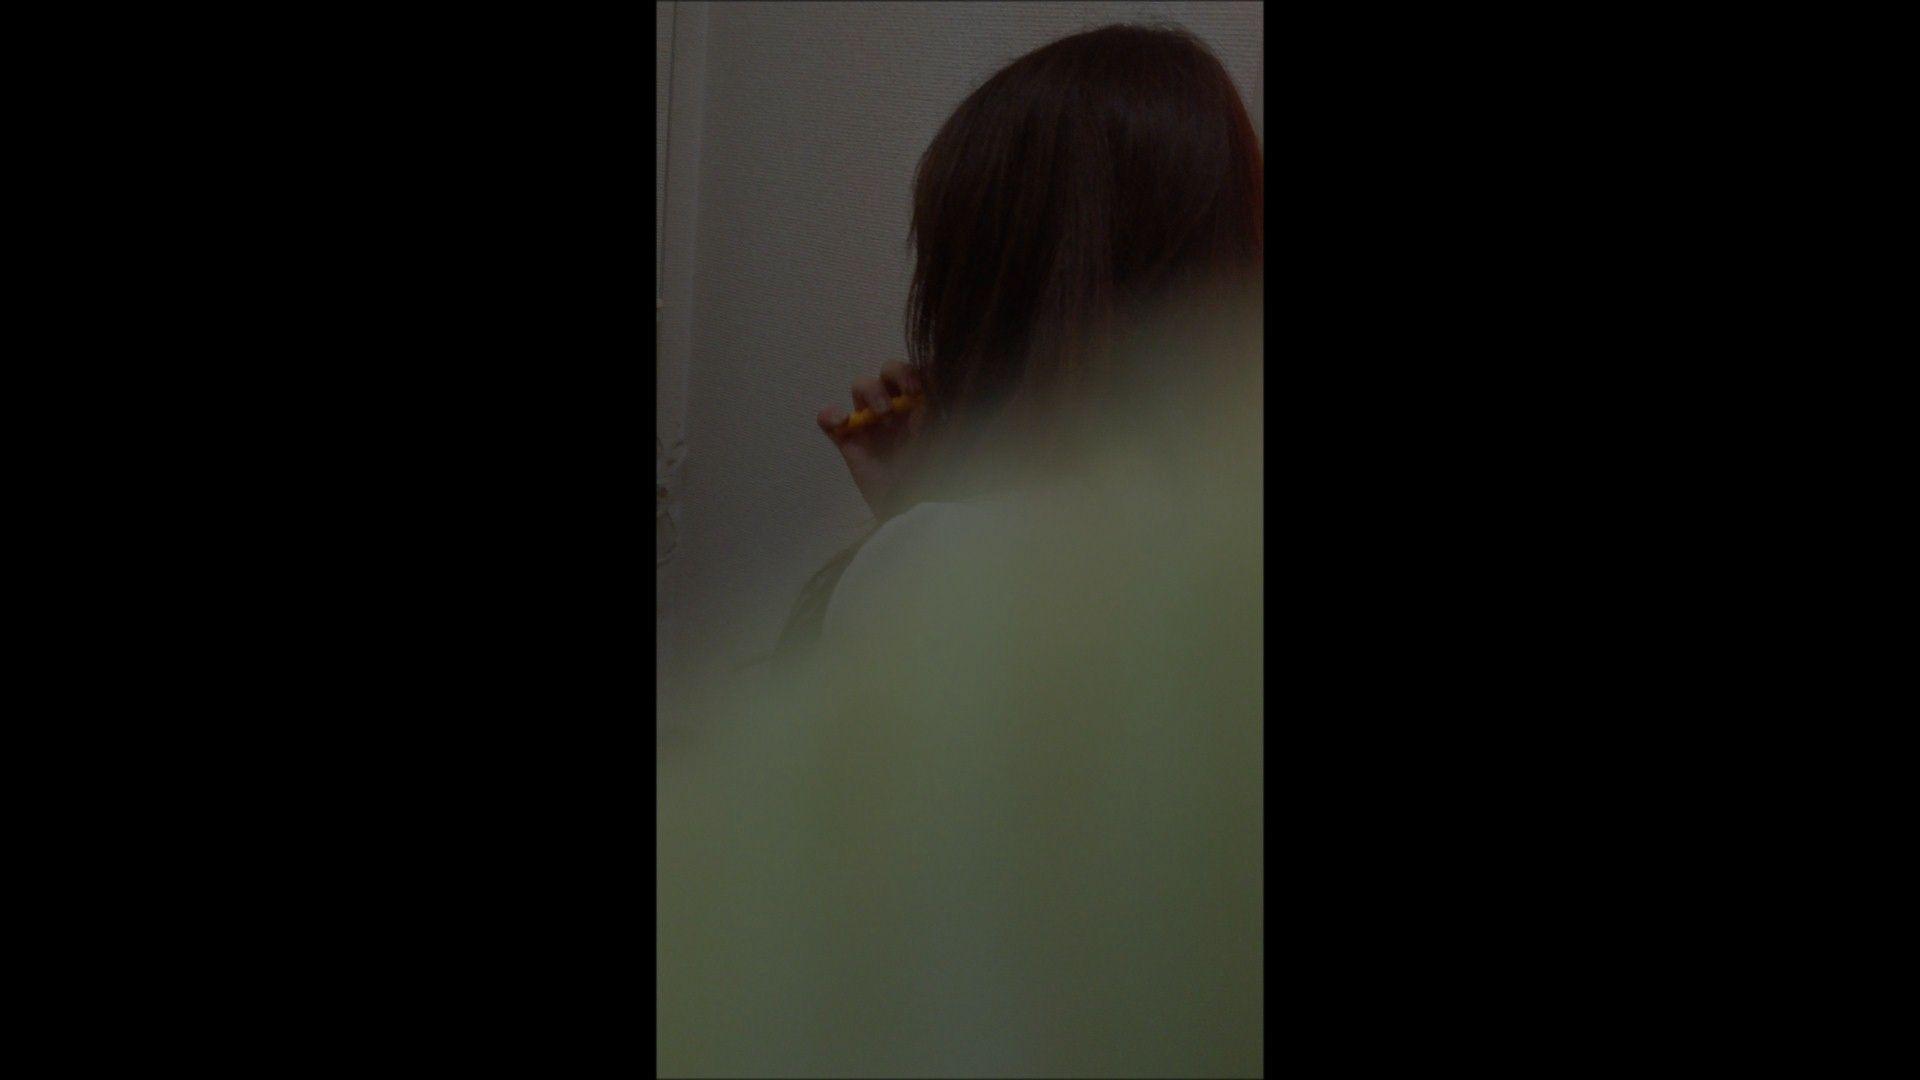 08(8日目)メイク中の彼女の顔を撮りました! マンコ特集 | オマンコ丸見え  59連発 9